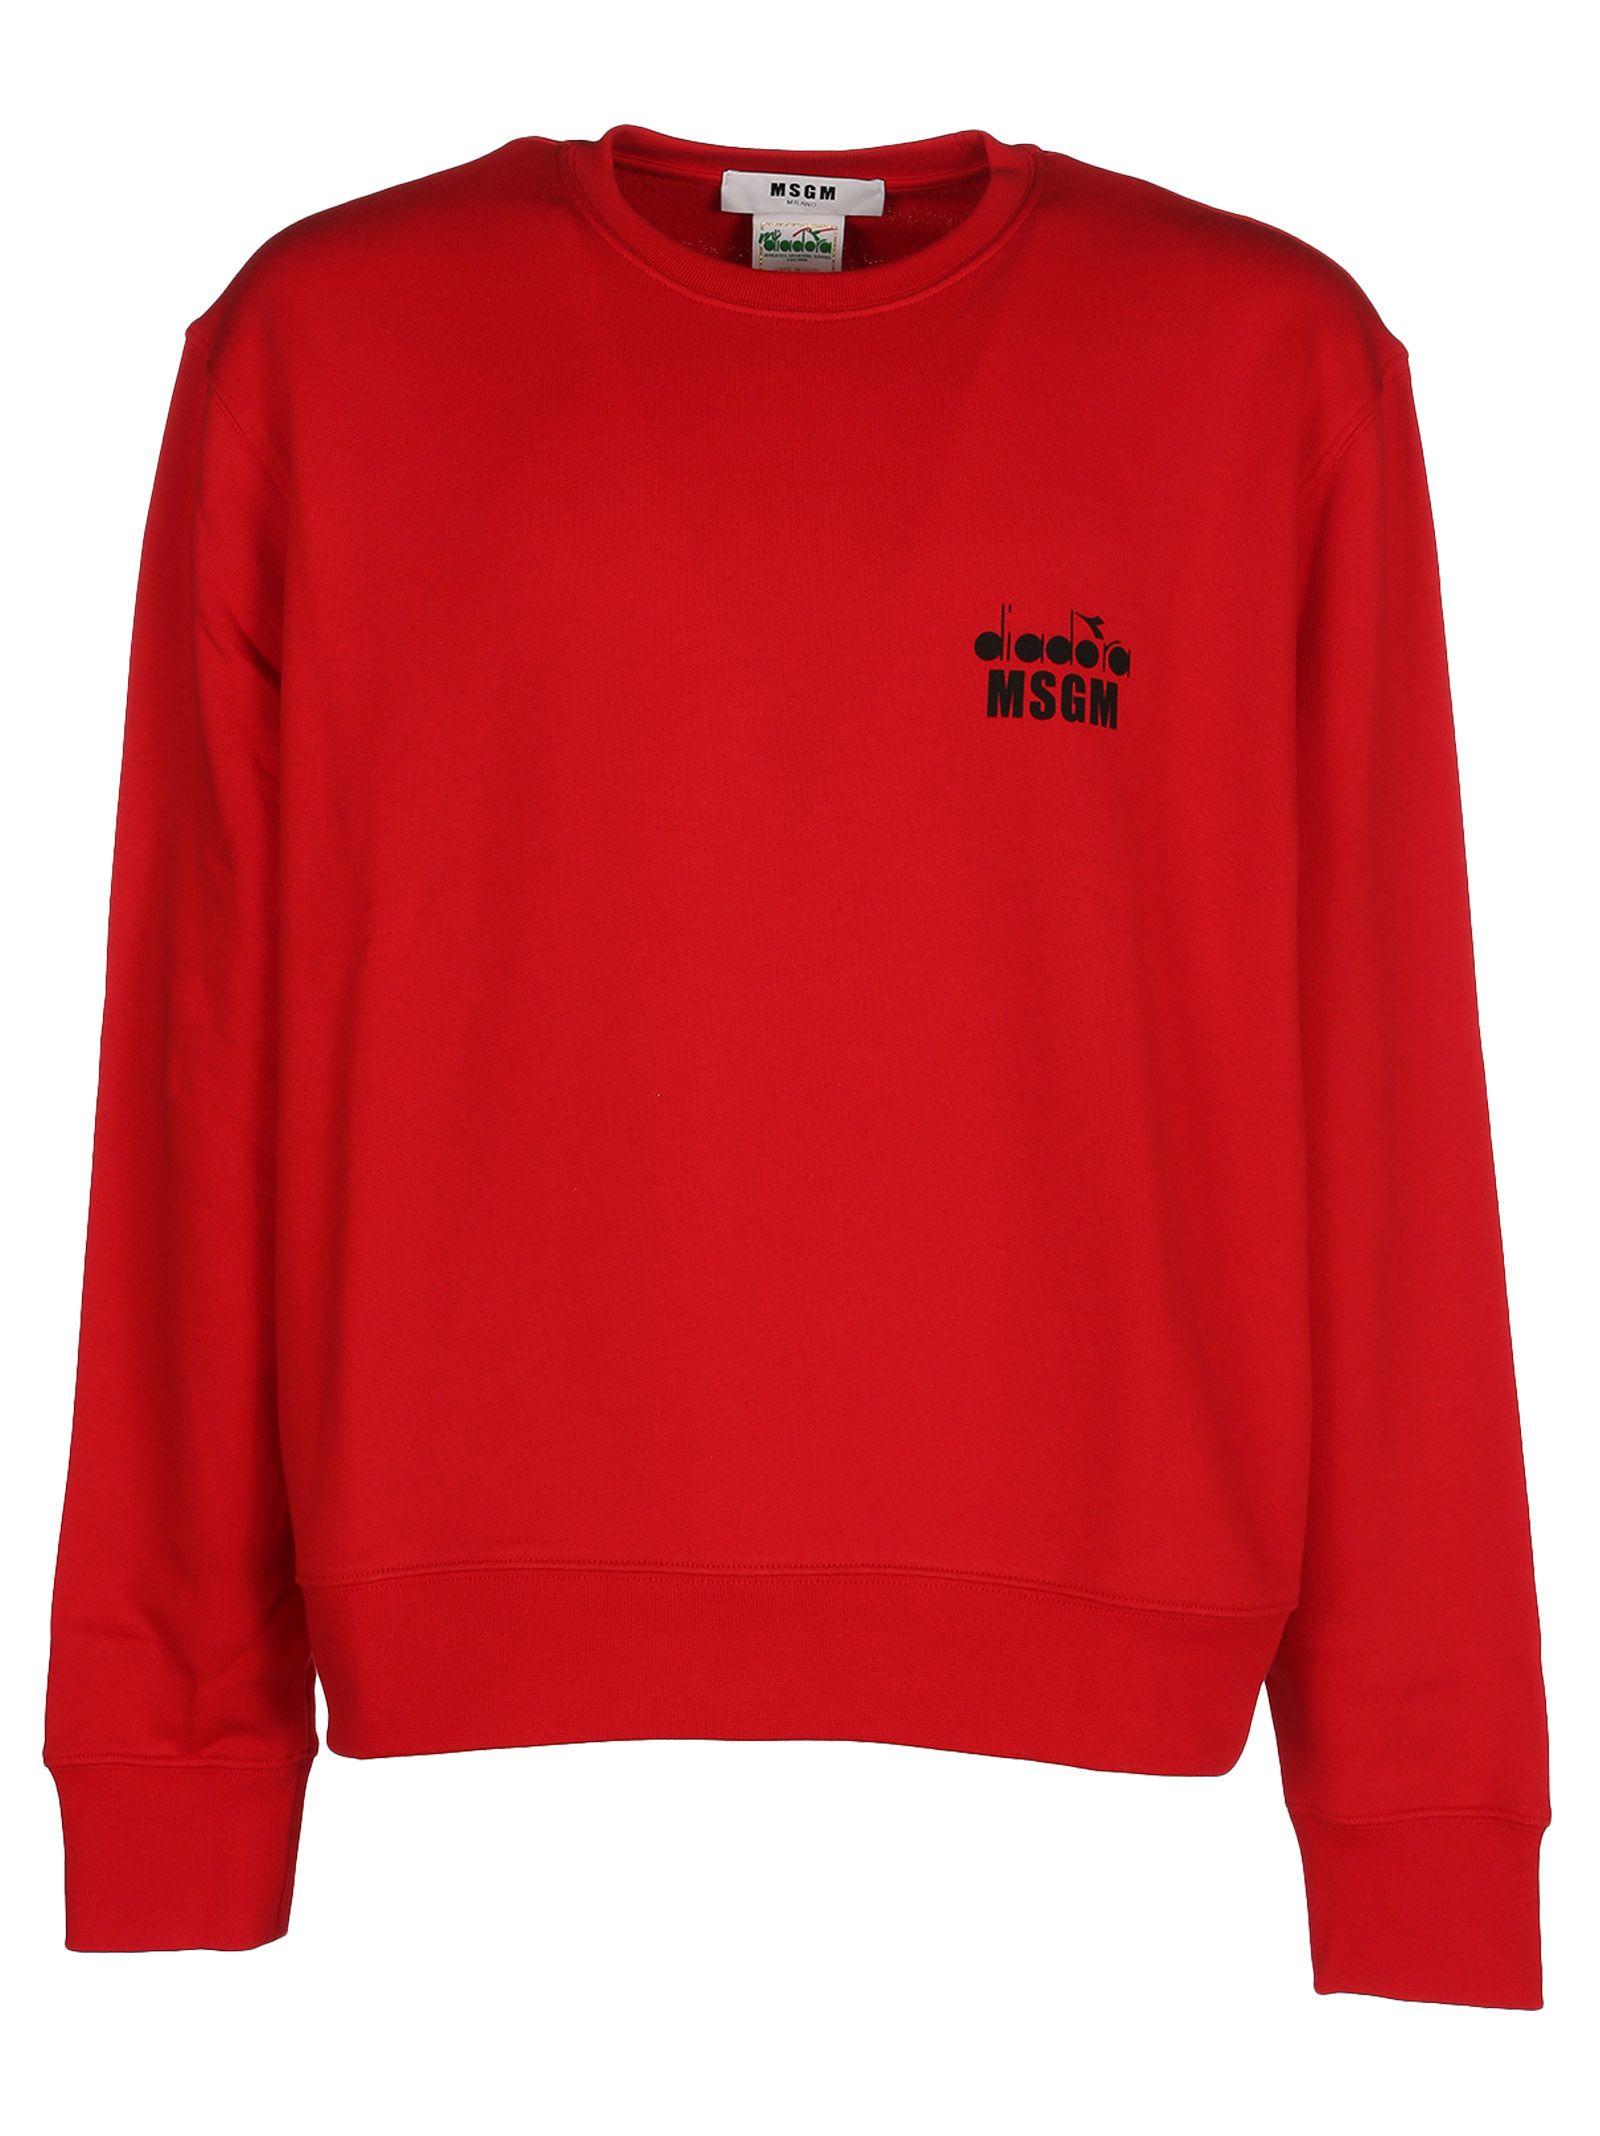 Msgm Diadora Branded Sweatshirt